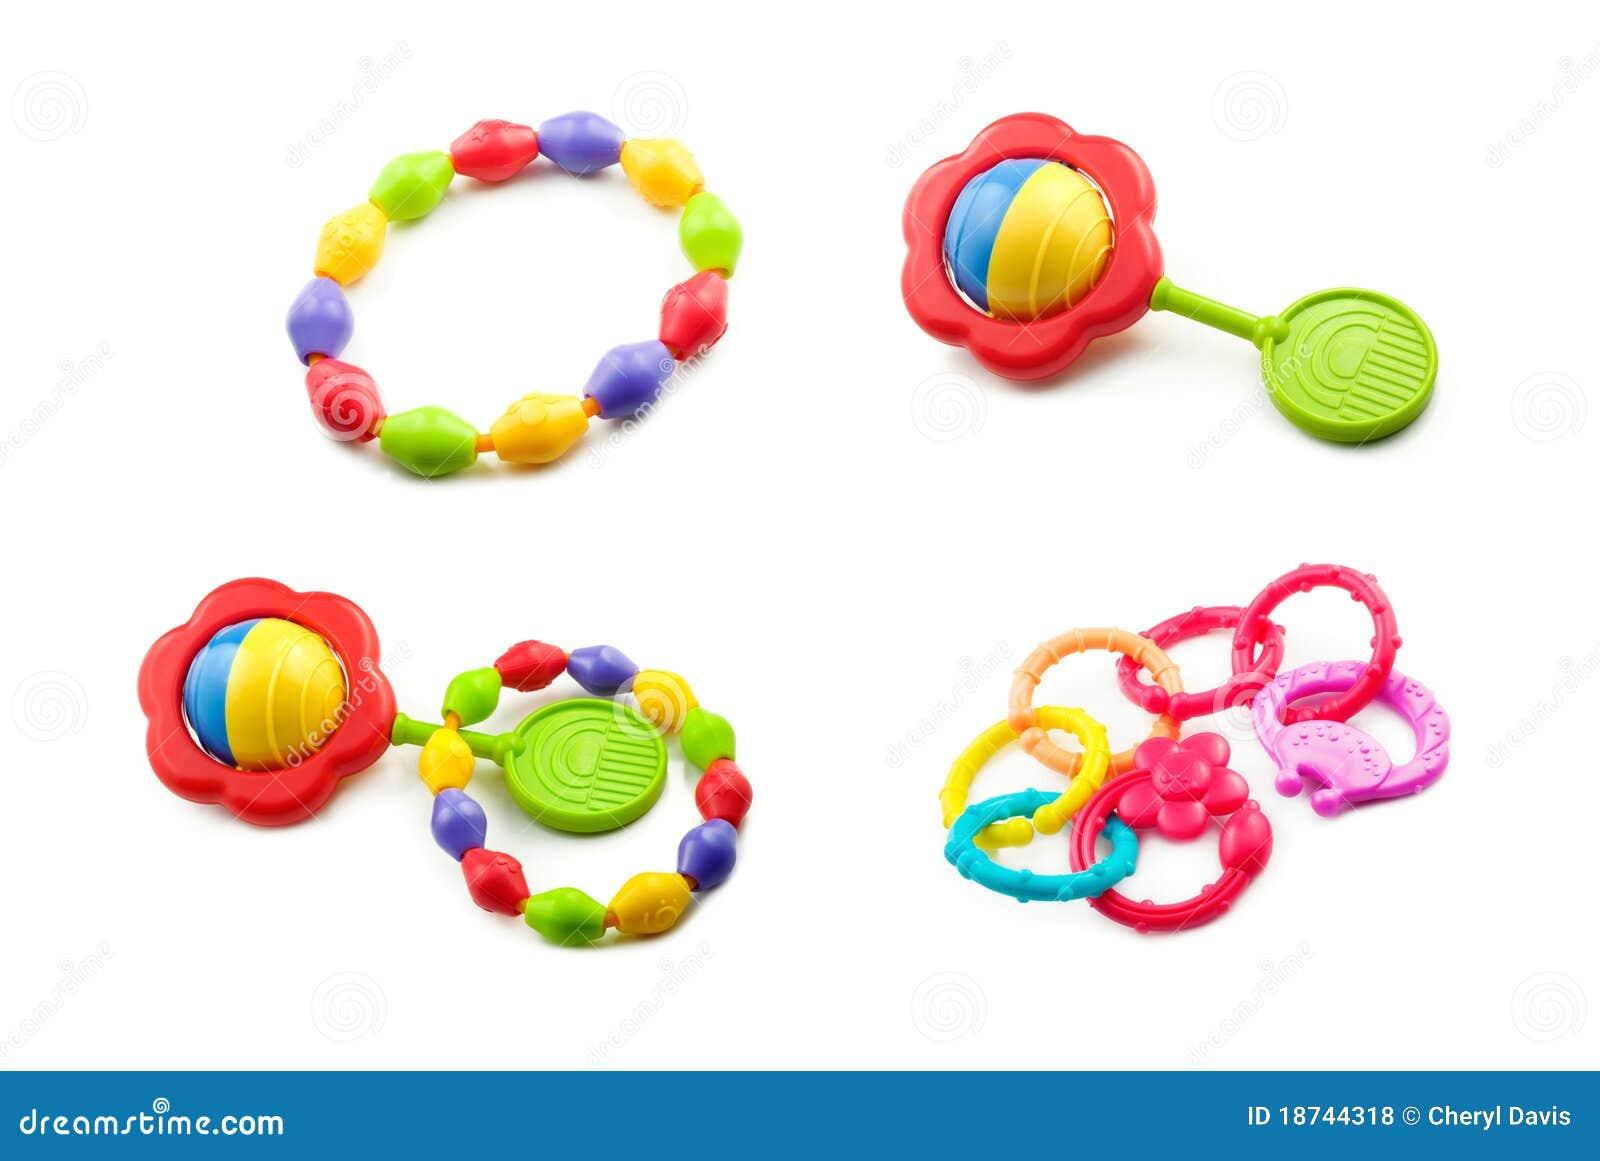 De Collage van het Stuk speelgoed van de baby op Witte Achtergrond